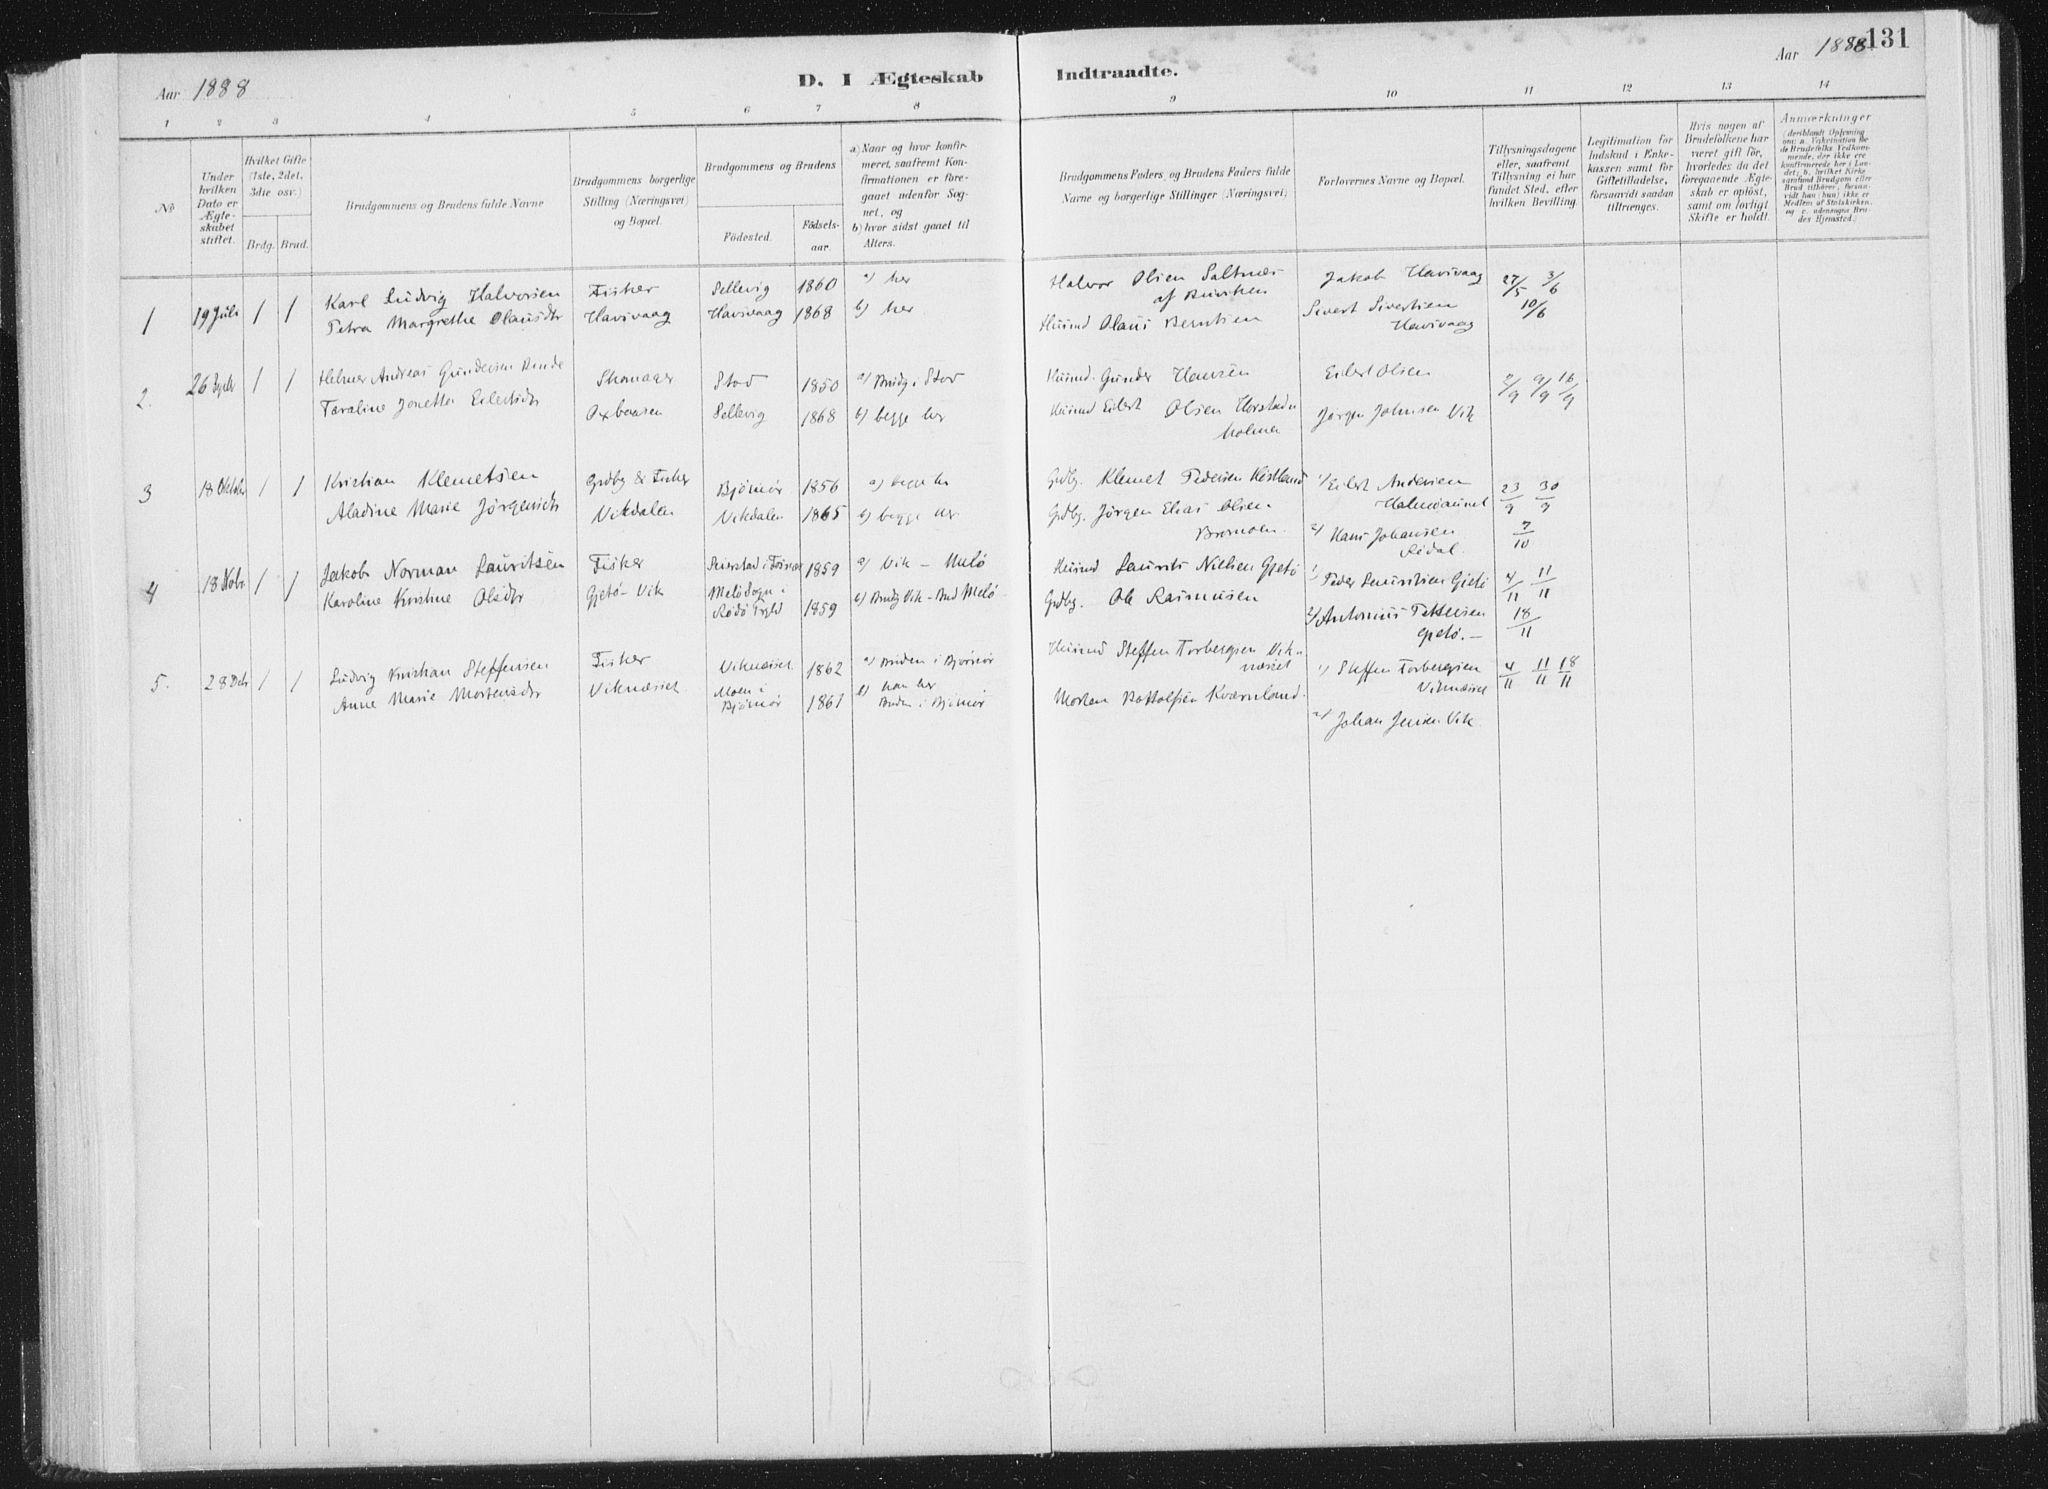 SAT, Ministerialprotokoller, klokkerbøker og fødselsregistre - Nord-Trøndelag, 771/L0597: Ministerialbok nr. 771A04, 1885-1910, s. 131